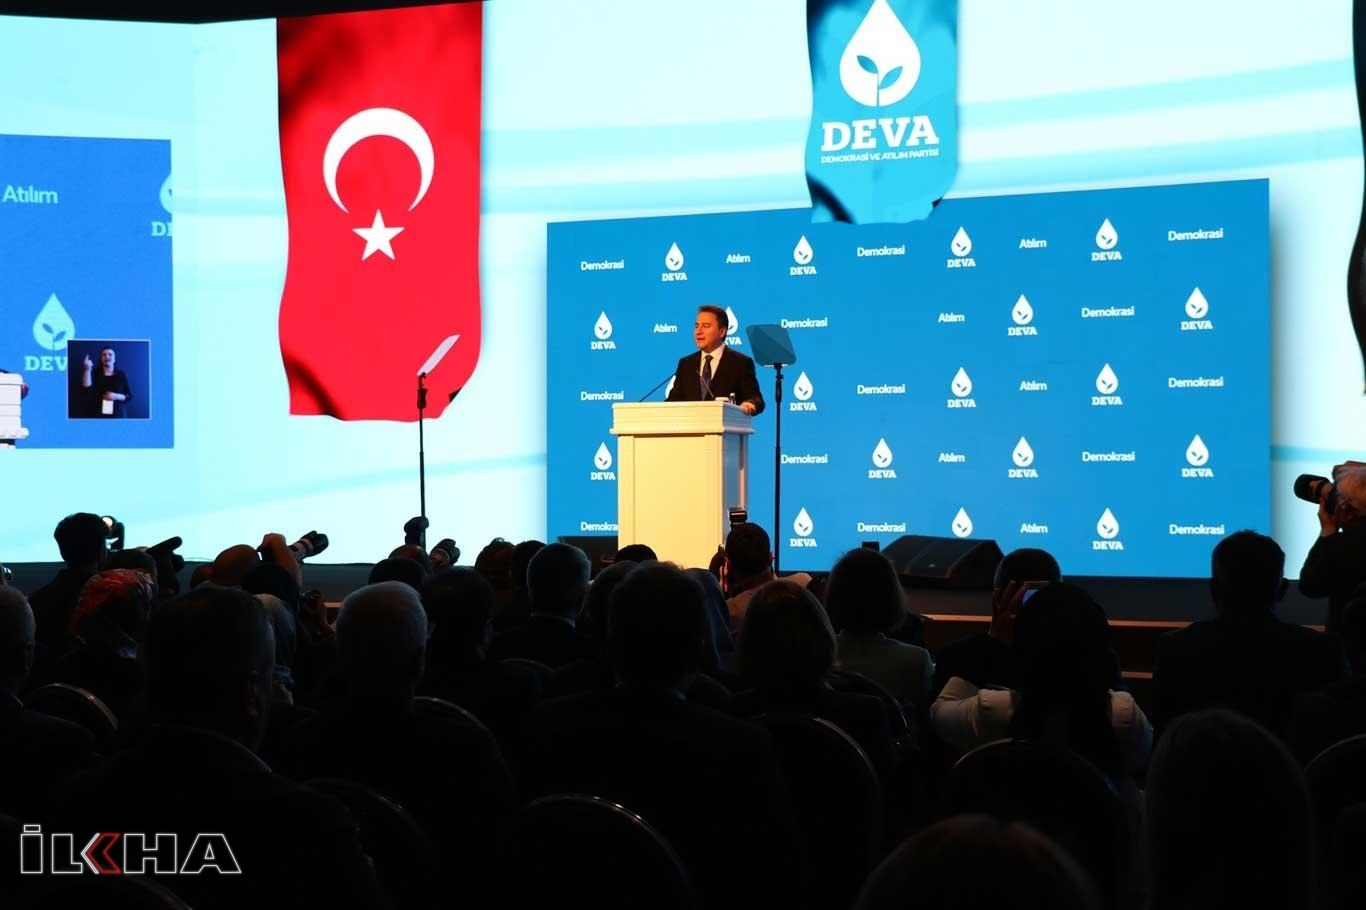 DEVA Partisi'nin kuruluş töreni Ankara'da yapıldı